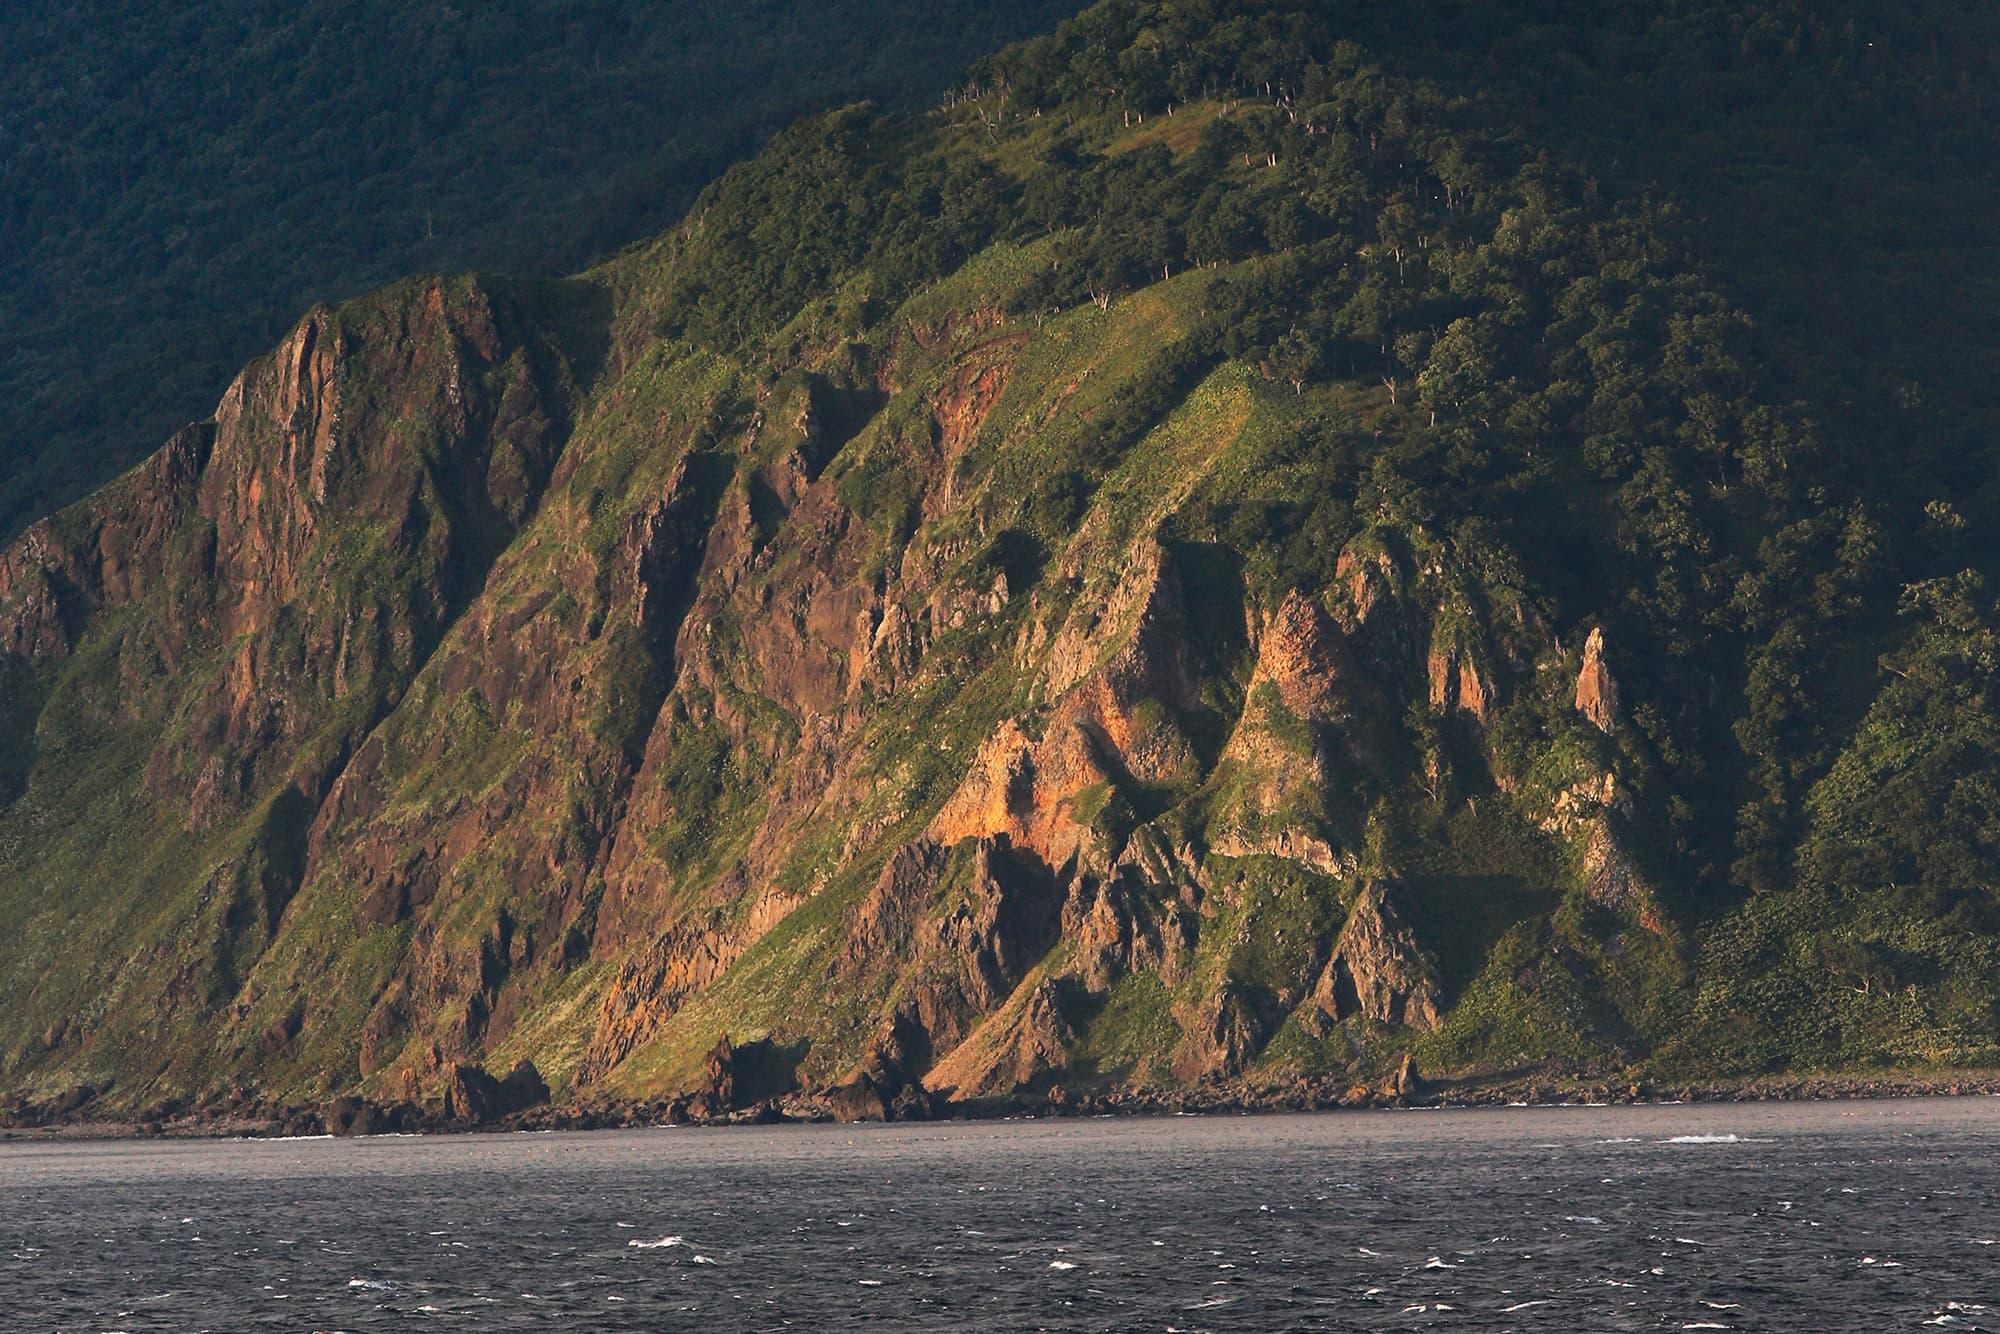 荒波に削られた断崖が多い知床岬